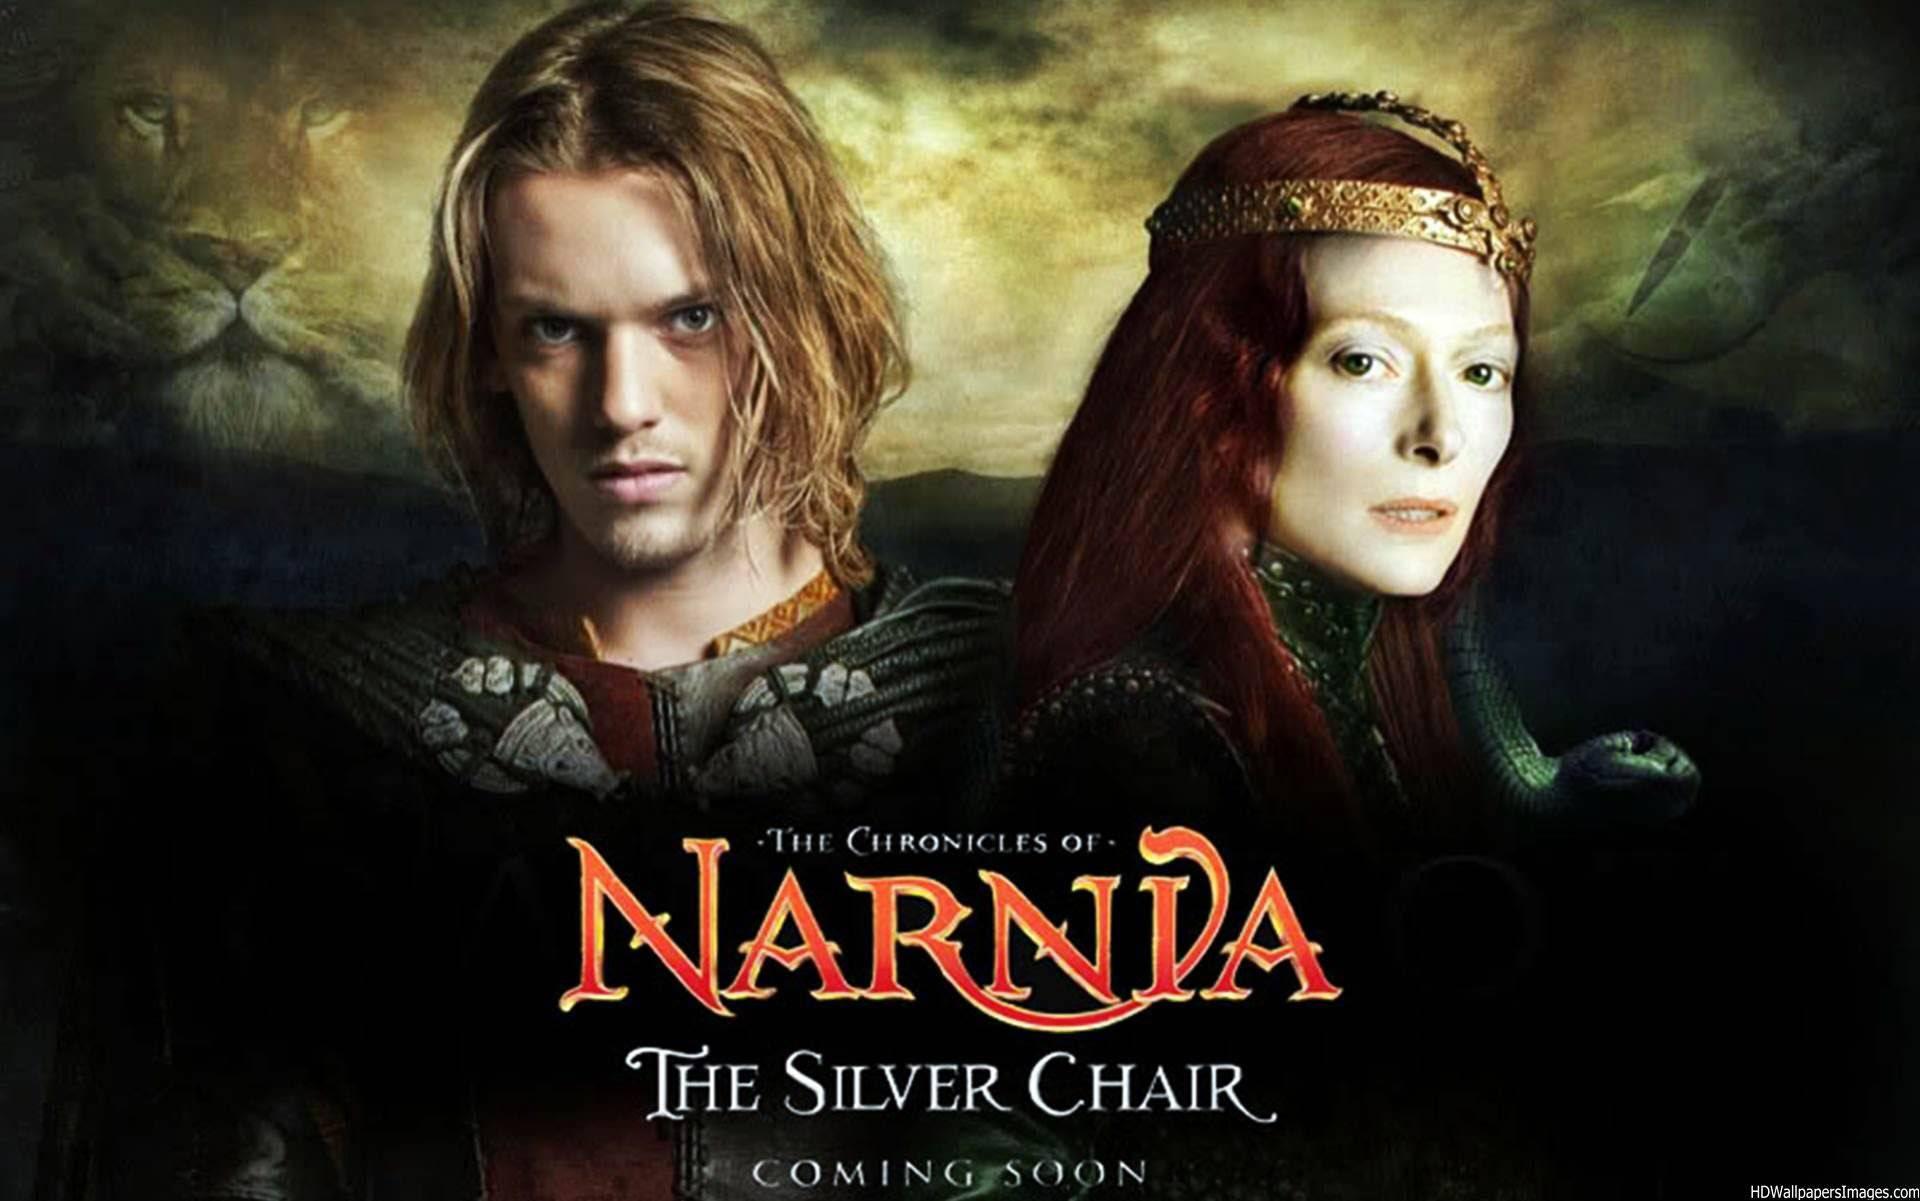 1 Ecco alcuni aggiornamenti riguardanti la franchise de Le cronache di Narnia